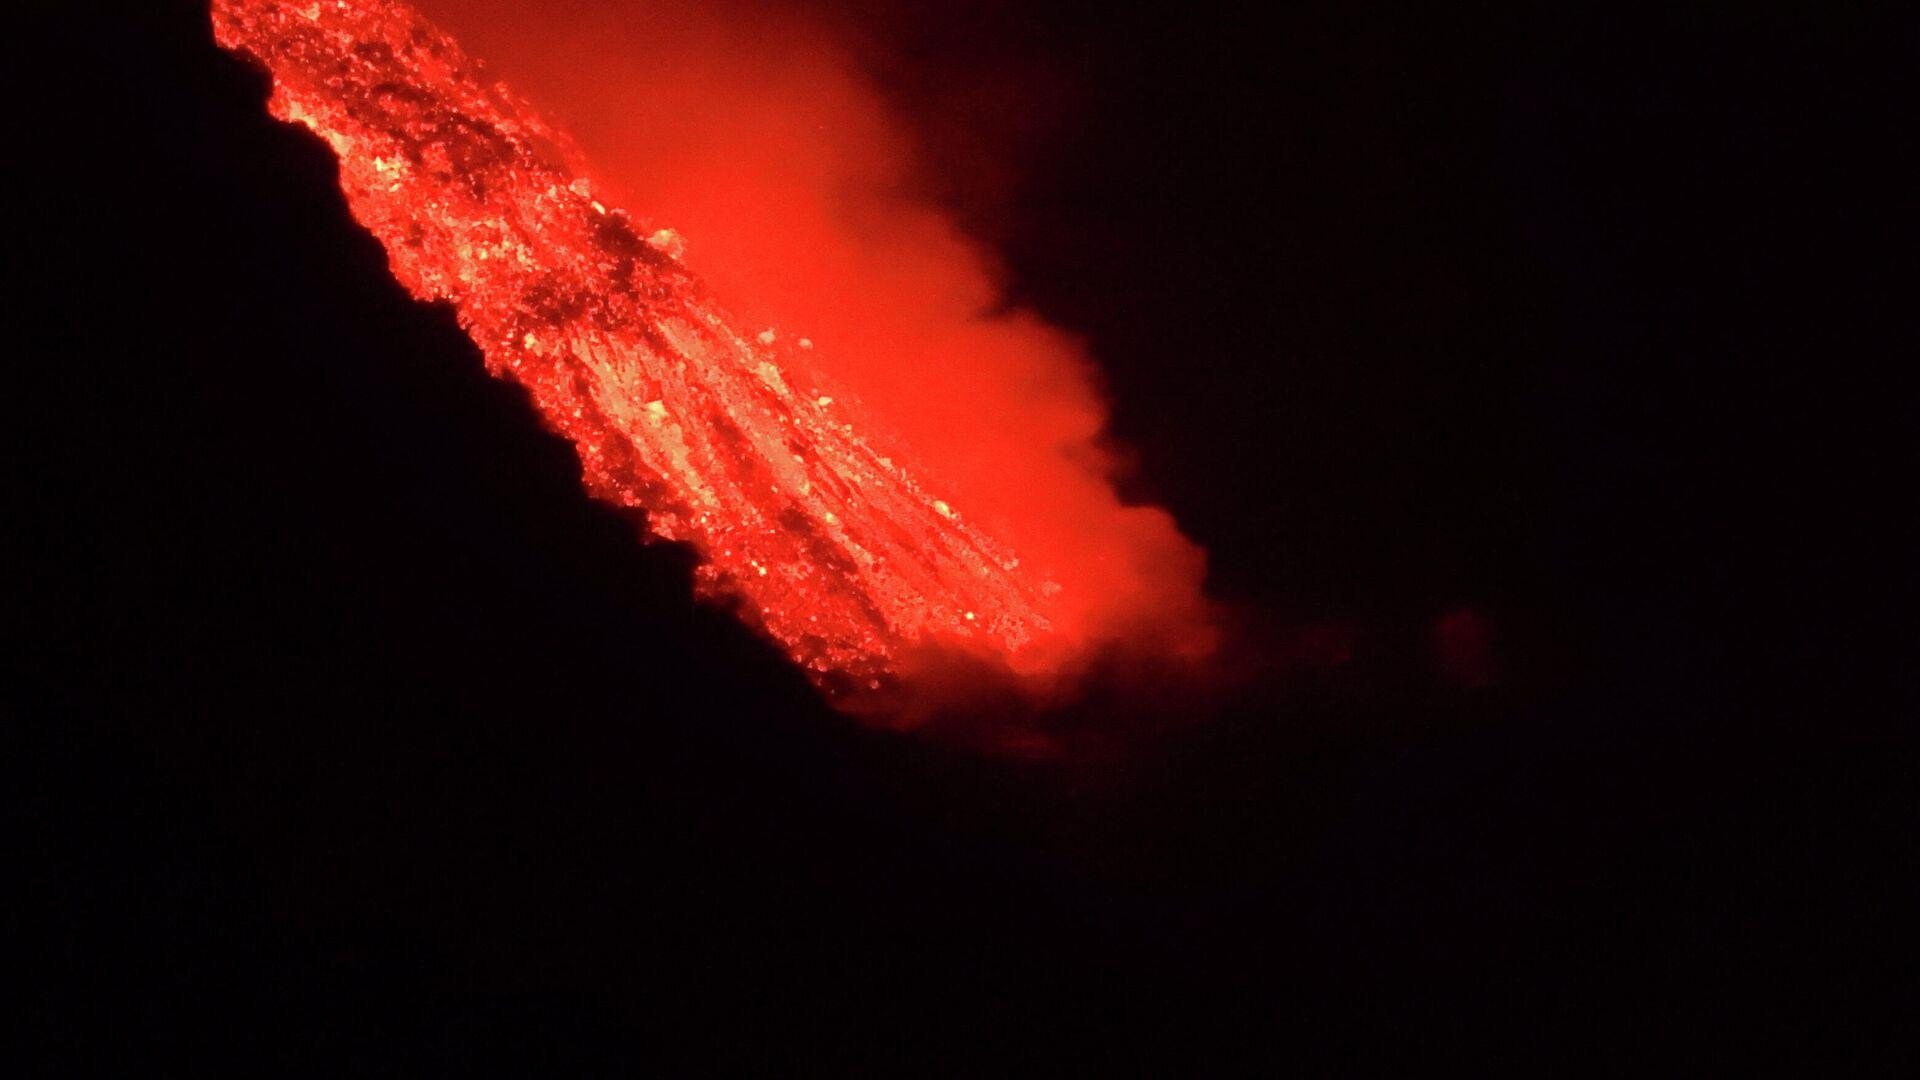 La lava del volcán de Cumbre Vieja llega al mar (La Palma) - Sputnik Mundo, 1920, 29.09.2021